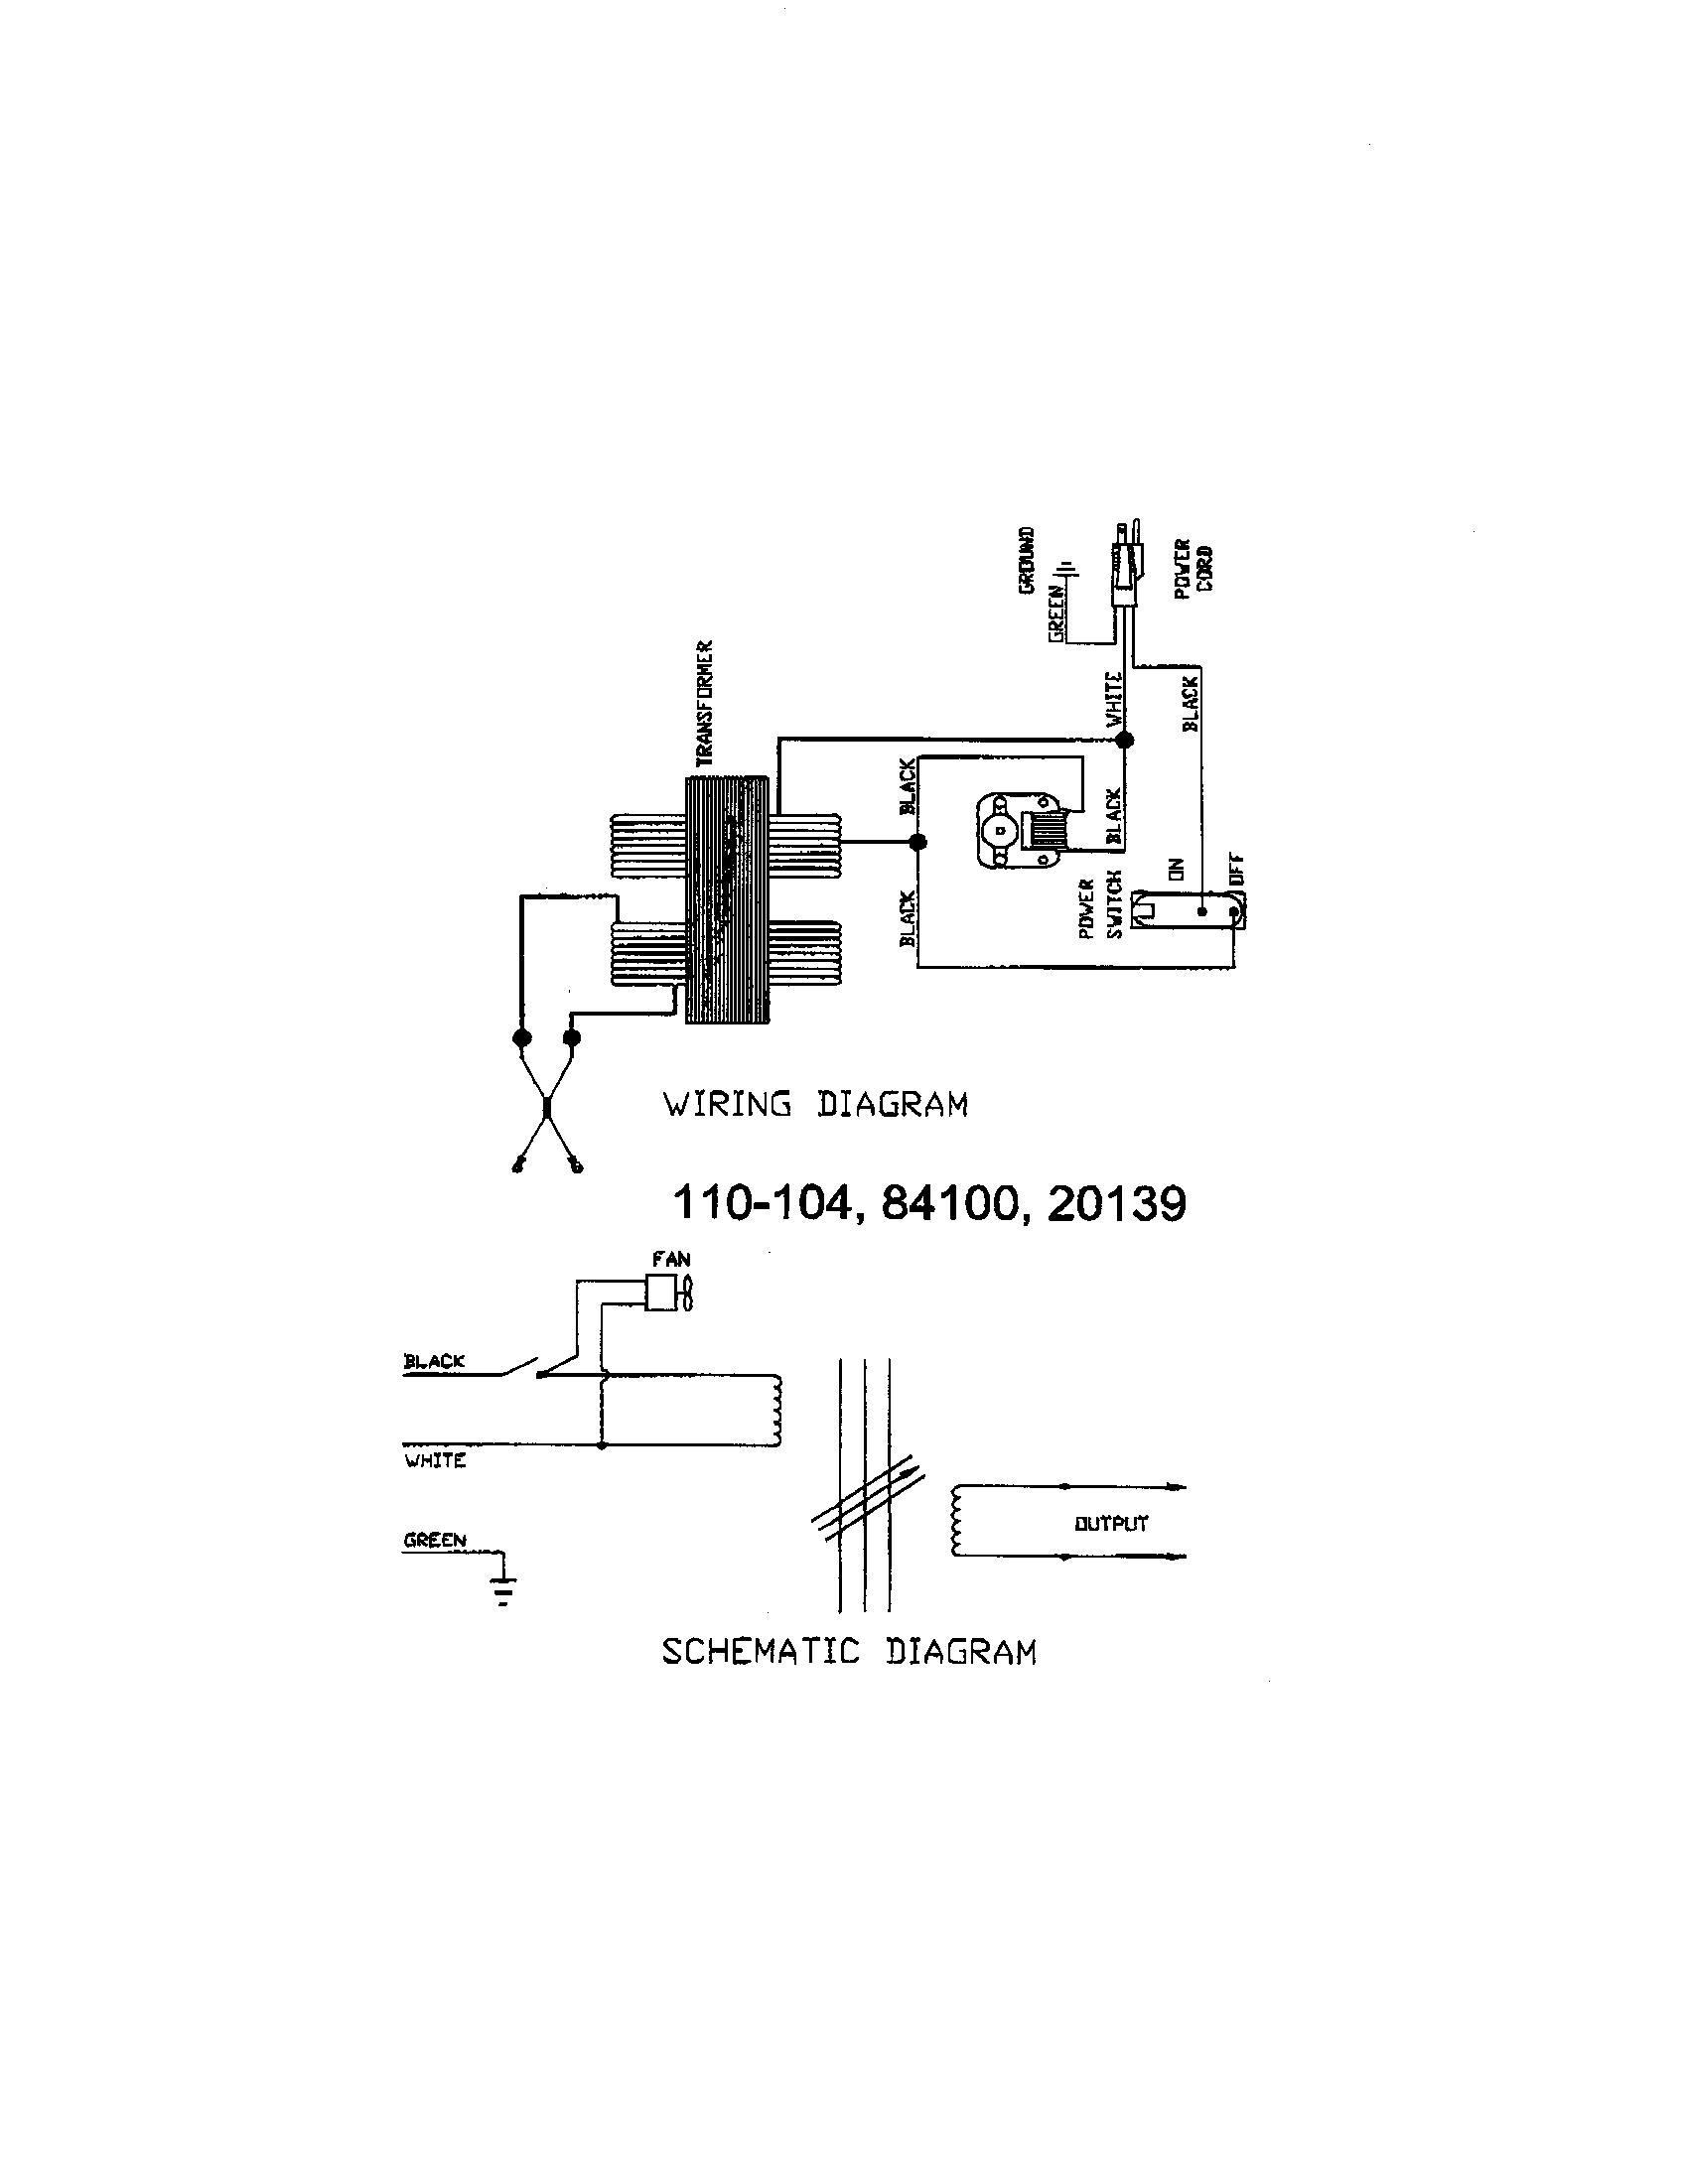 Century model 110-104 welder genuine parts